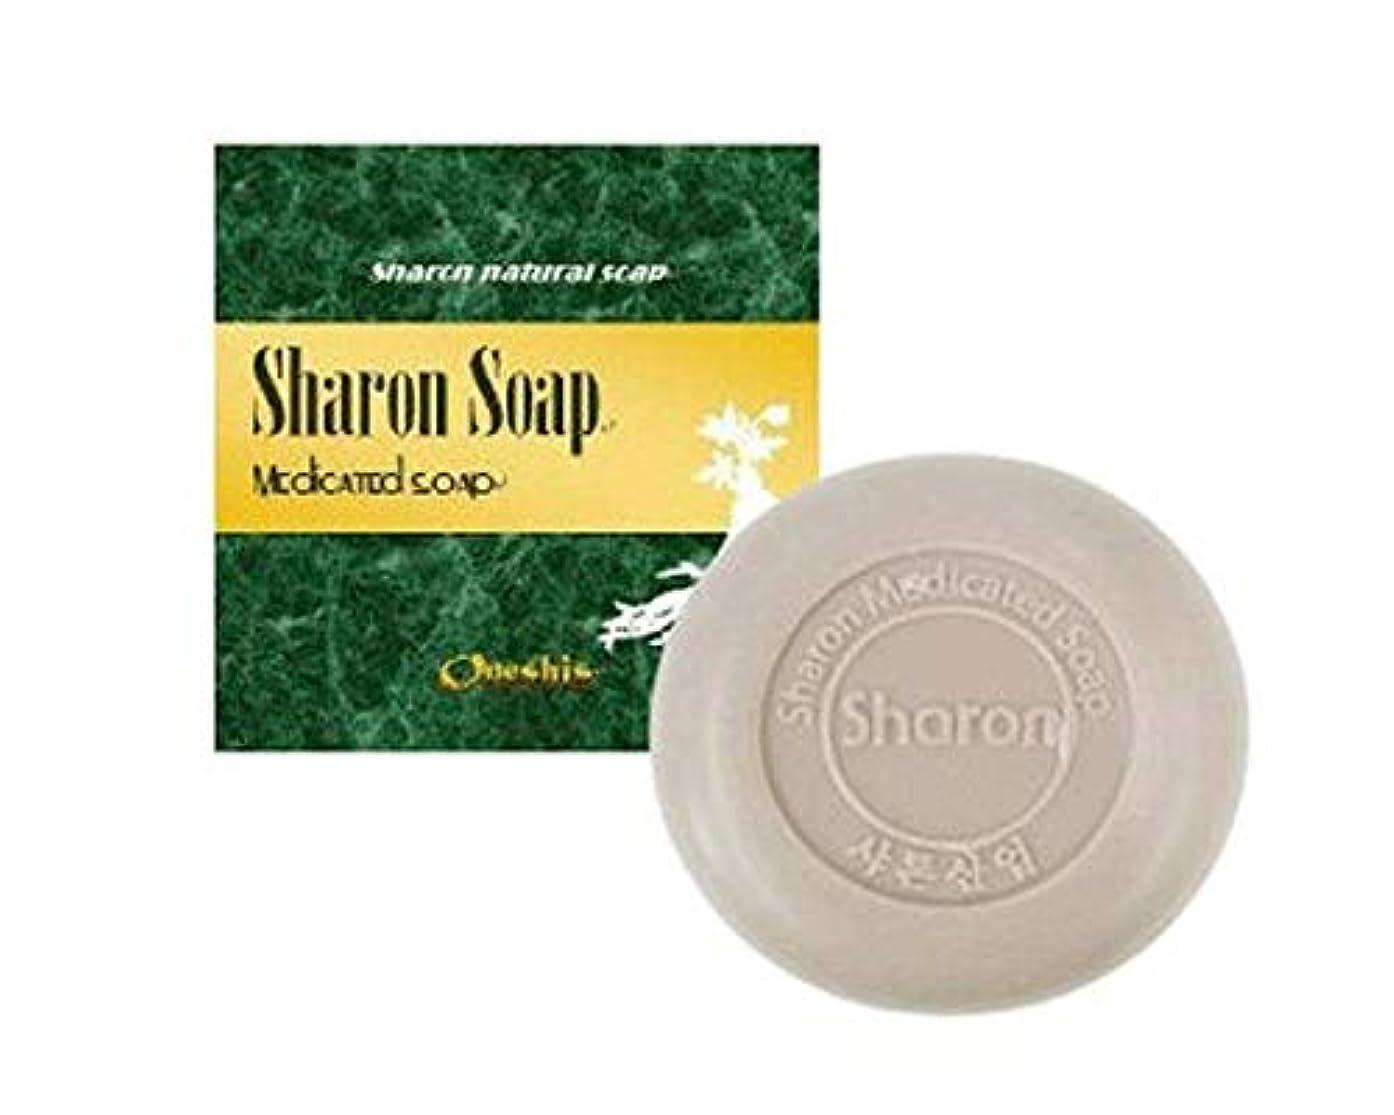 過度にウイルスキャプチャーSharon Soap シャロンナチュラルソープ 天然由来植物成分 美肌石鹸